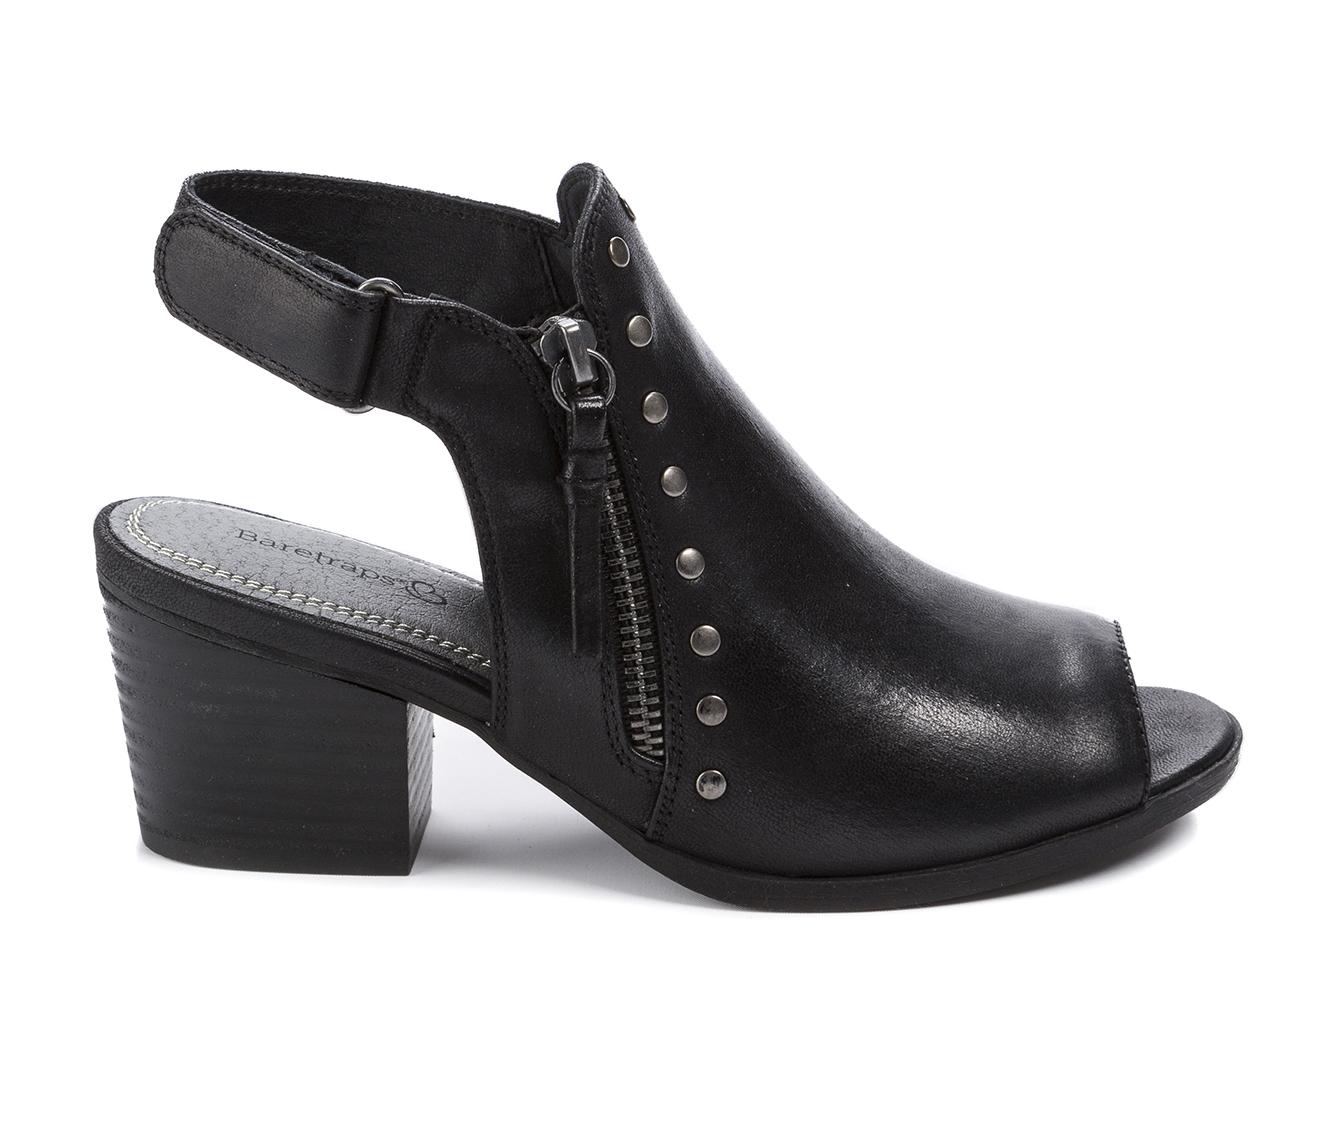 Baretraps Ivella Women's Dress Shoe (Black Faux Leather)